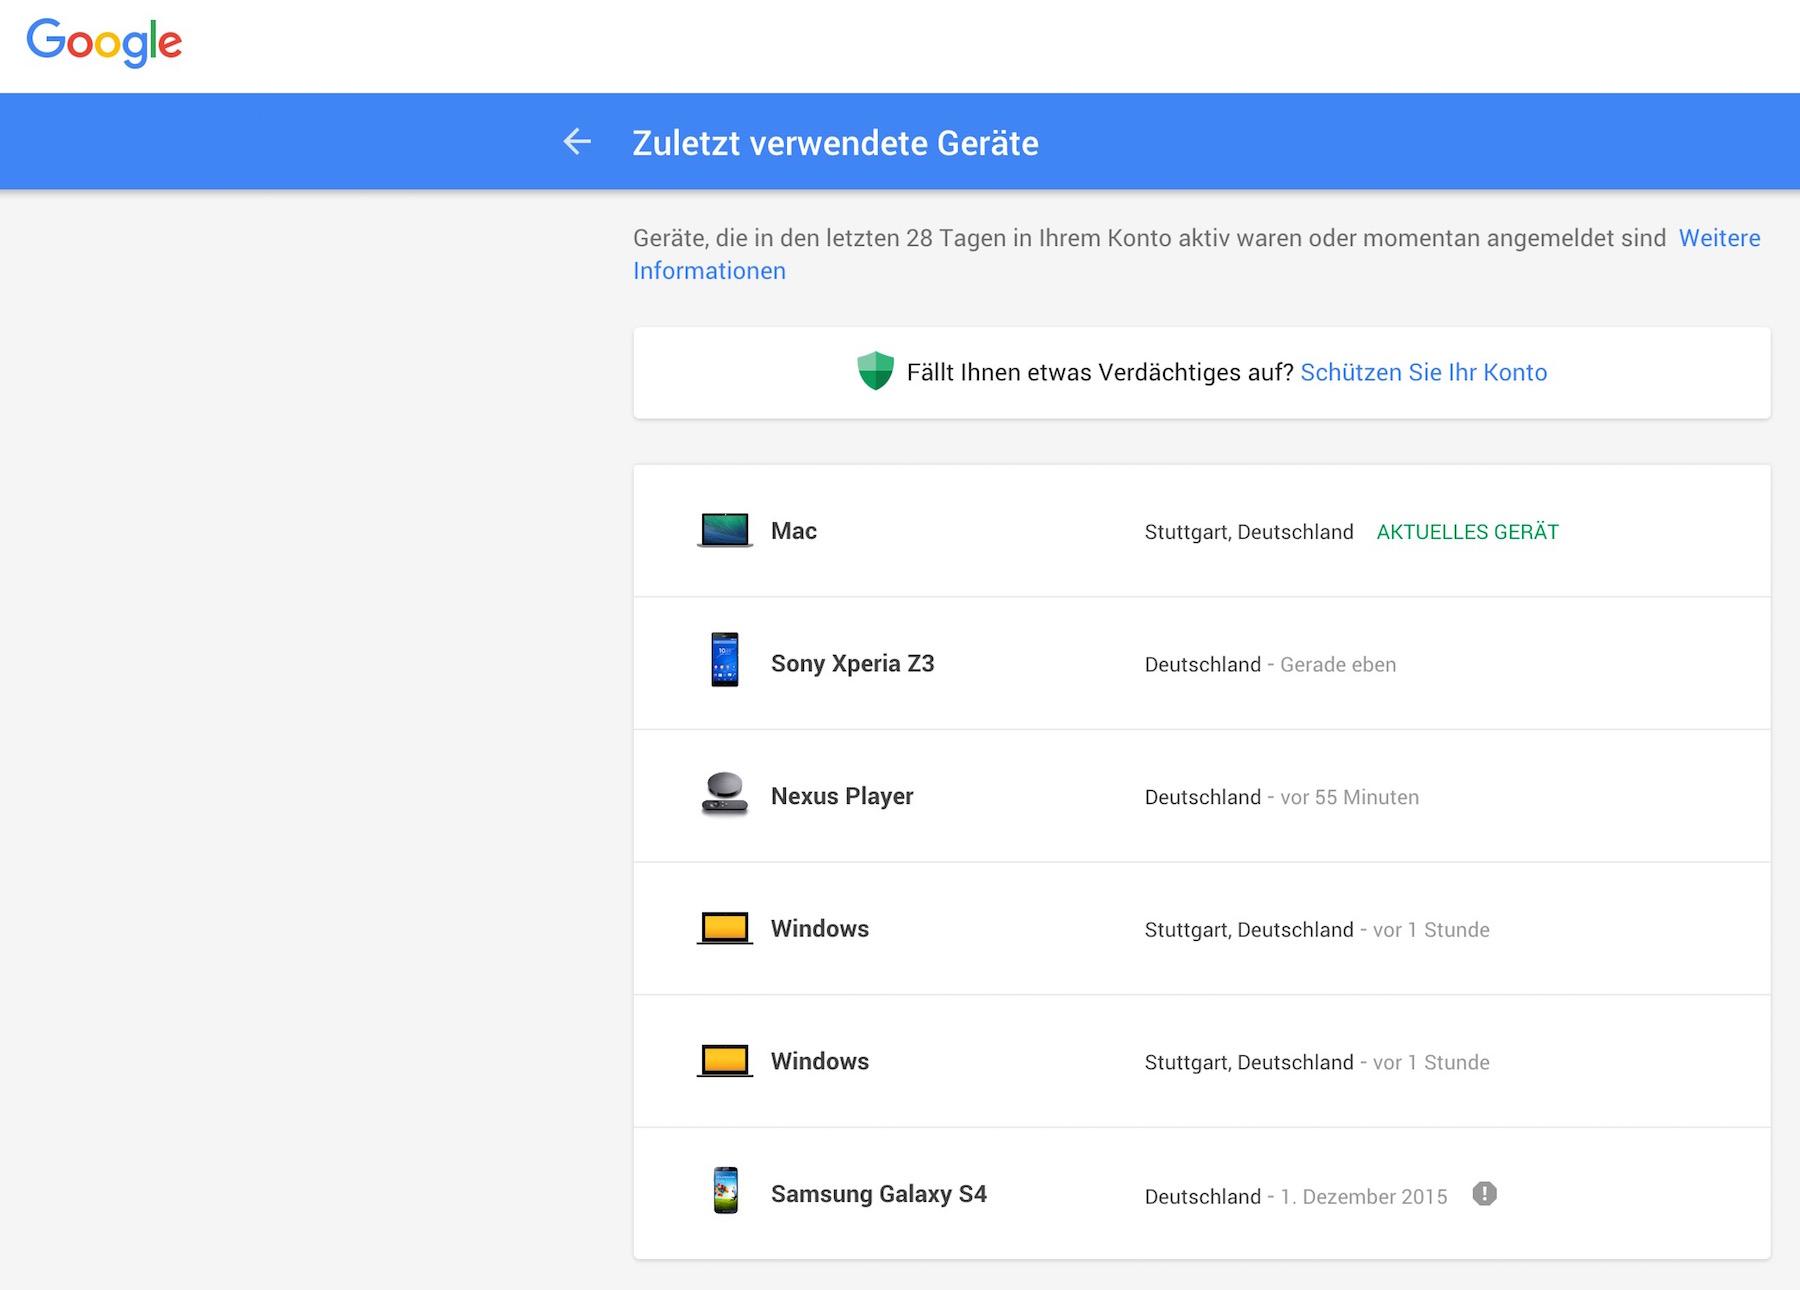 Google Kontozugriff - Zuletzt verwendete Geräte